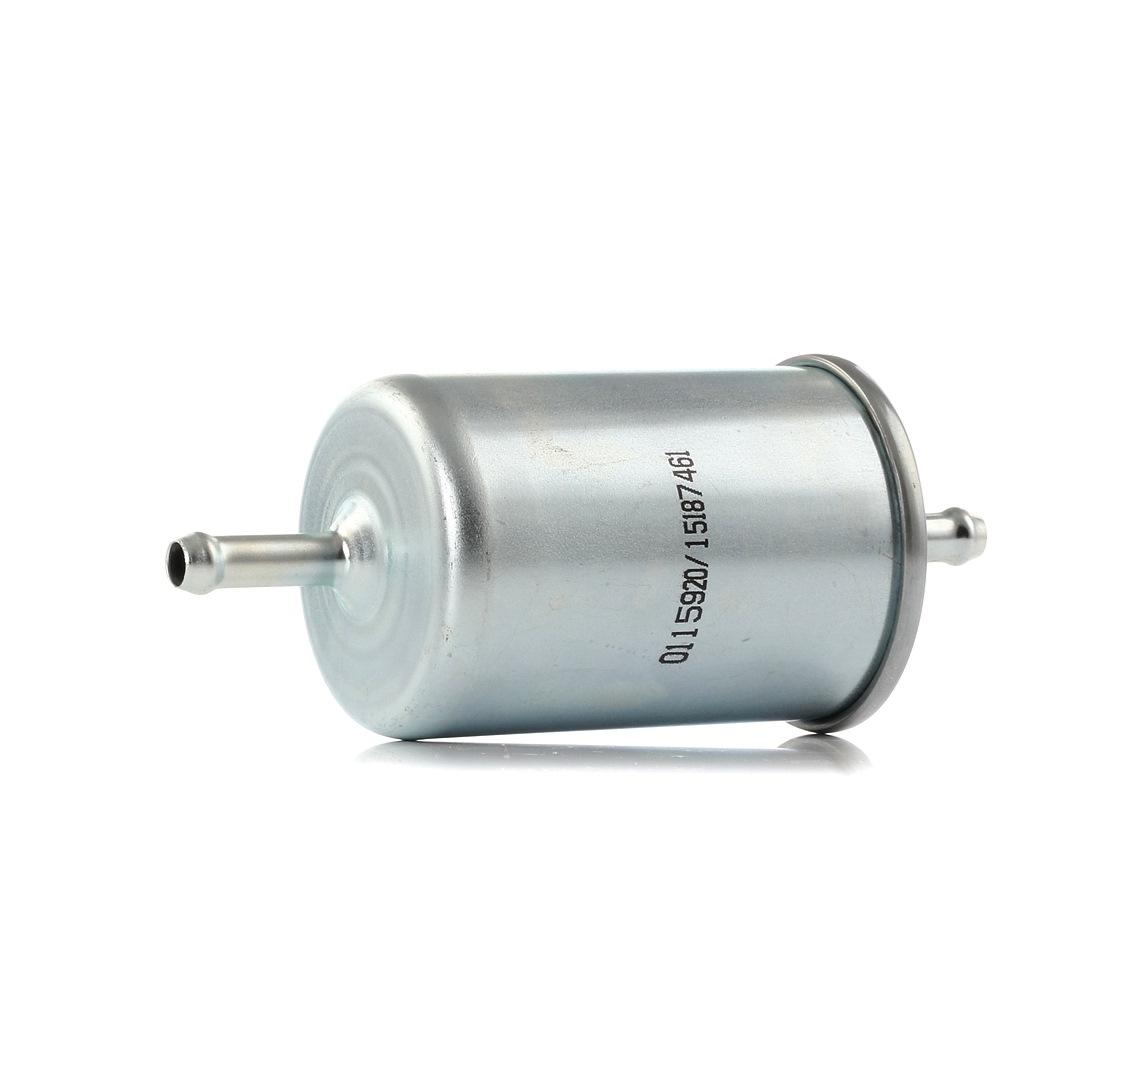 SKFF-0870314 STARK Leitungsfilter Höhe: 135mm Kraftstofffilter SKFF-0870314 günstig kaufen